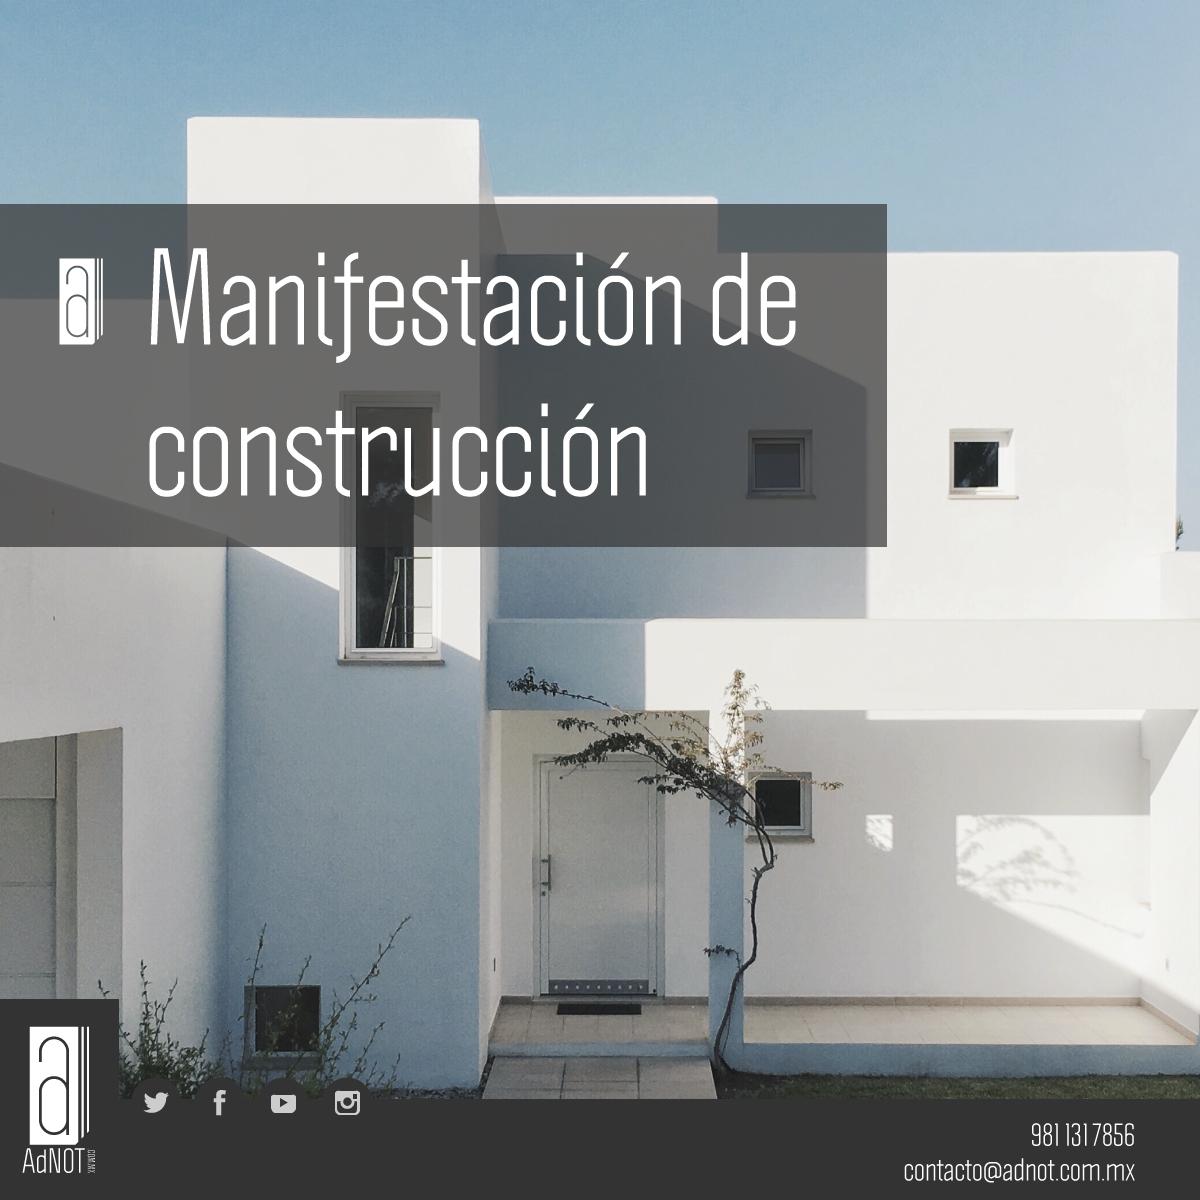 #Trámites: Manifestación de construcción